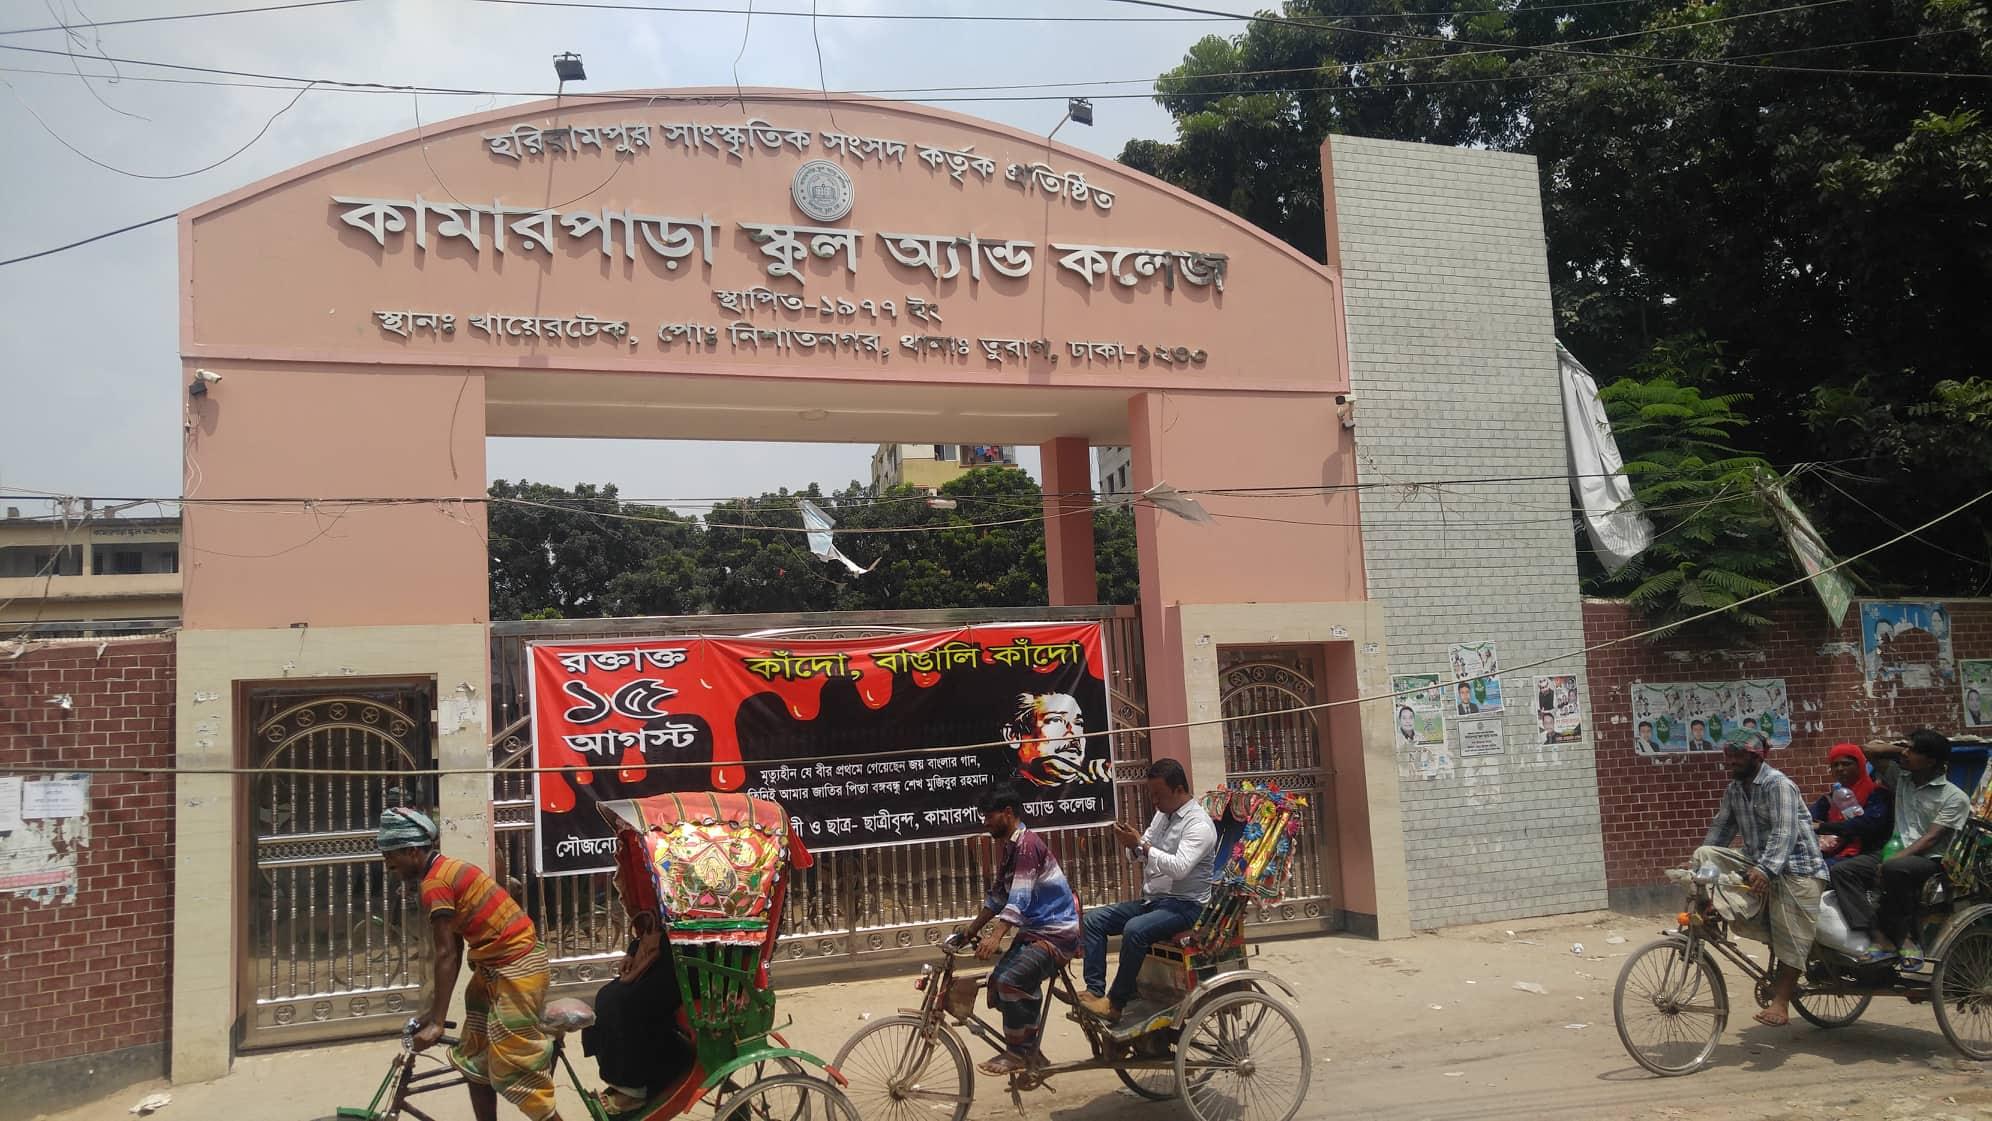 উত্তরার কামারপাড়া স্কুল অ্যান্ড কলেজের প্রধান শিক্ষকসহ তিনজনের বিরুদ্ধে যৌনরানি মামলা